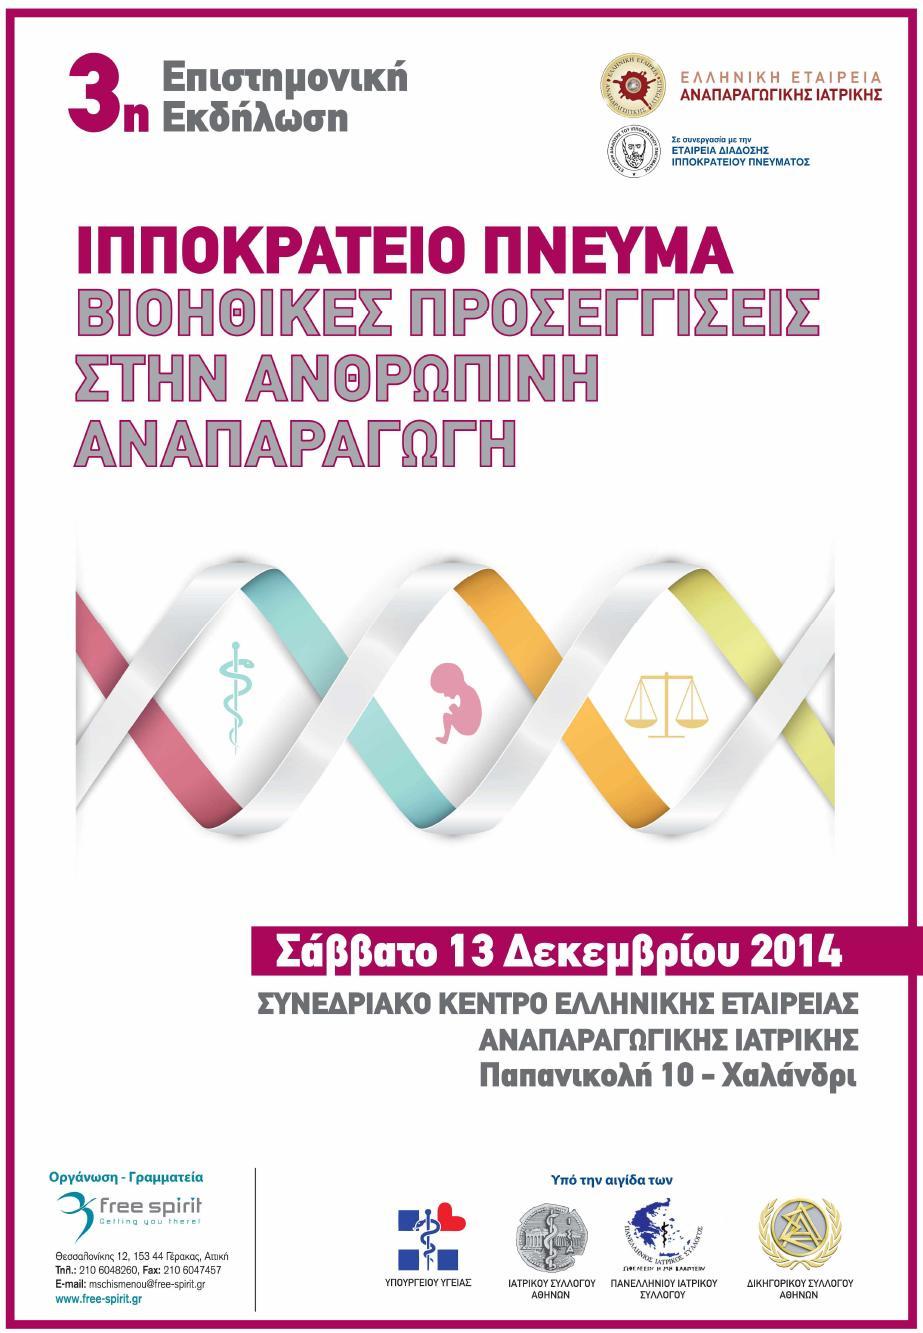 3η Επιστημονική Εκδήλωση Ιπποκράτειο Πνέυμα Βιοηθικές Προσεγγίσεις στην Ανθρώπινη Αναπαραγωγή